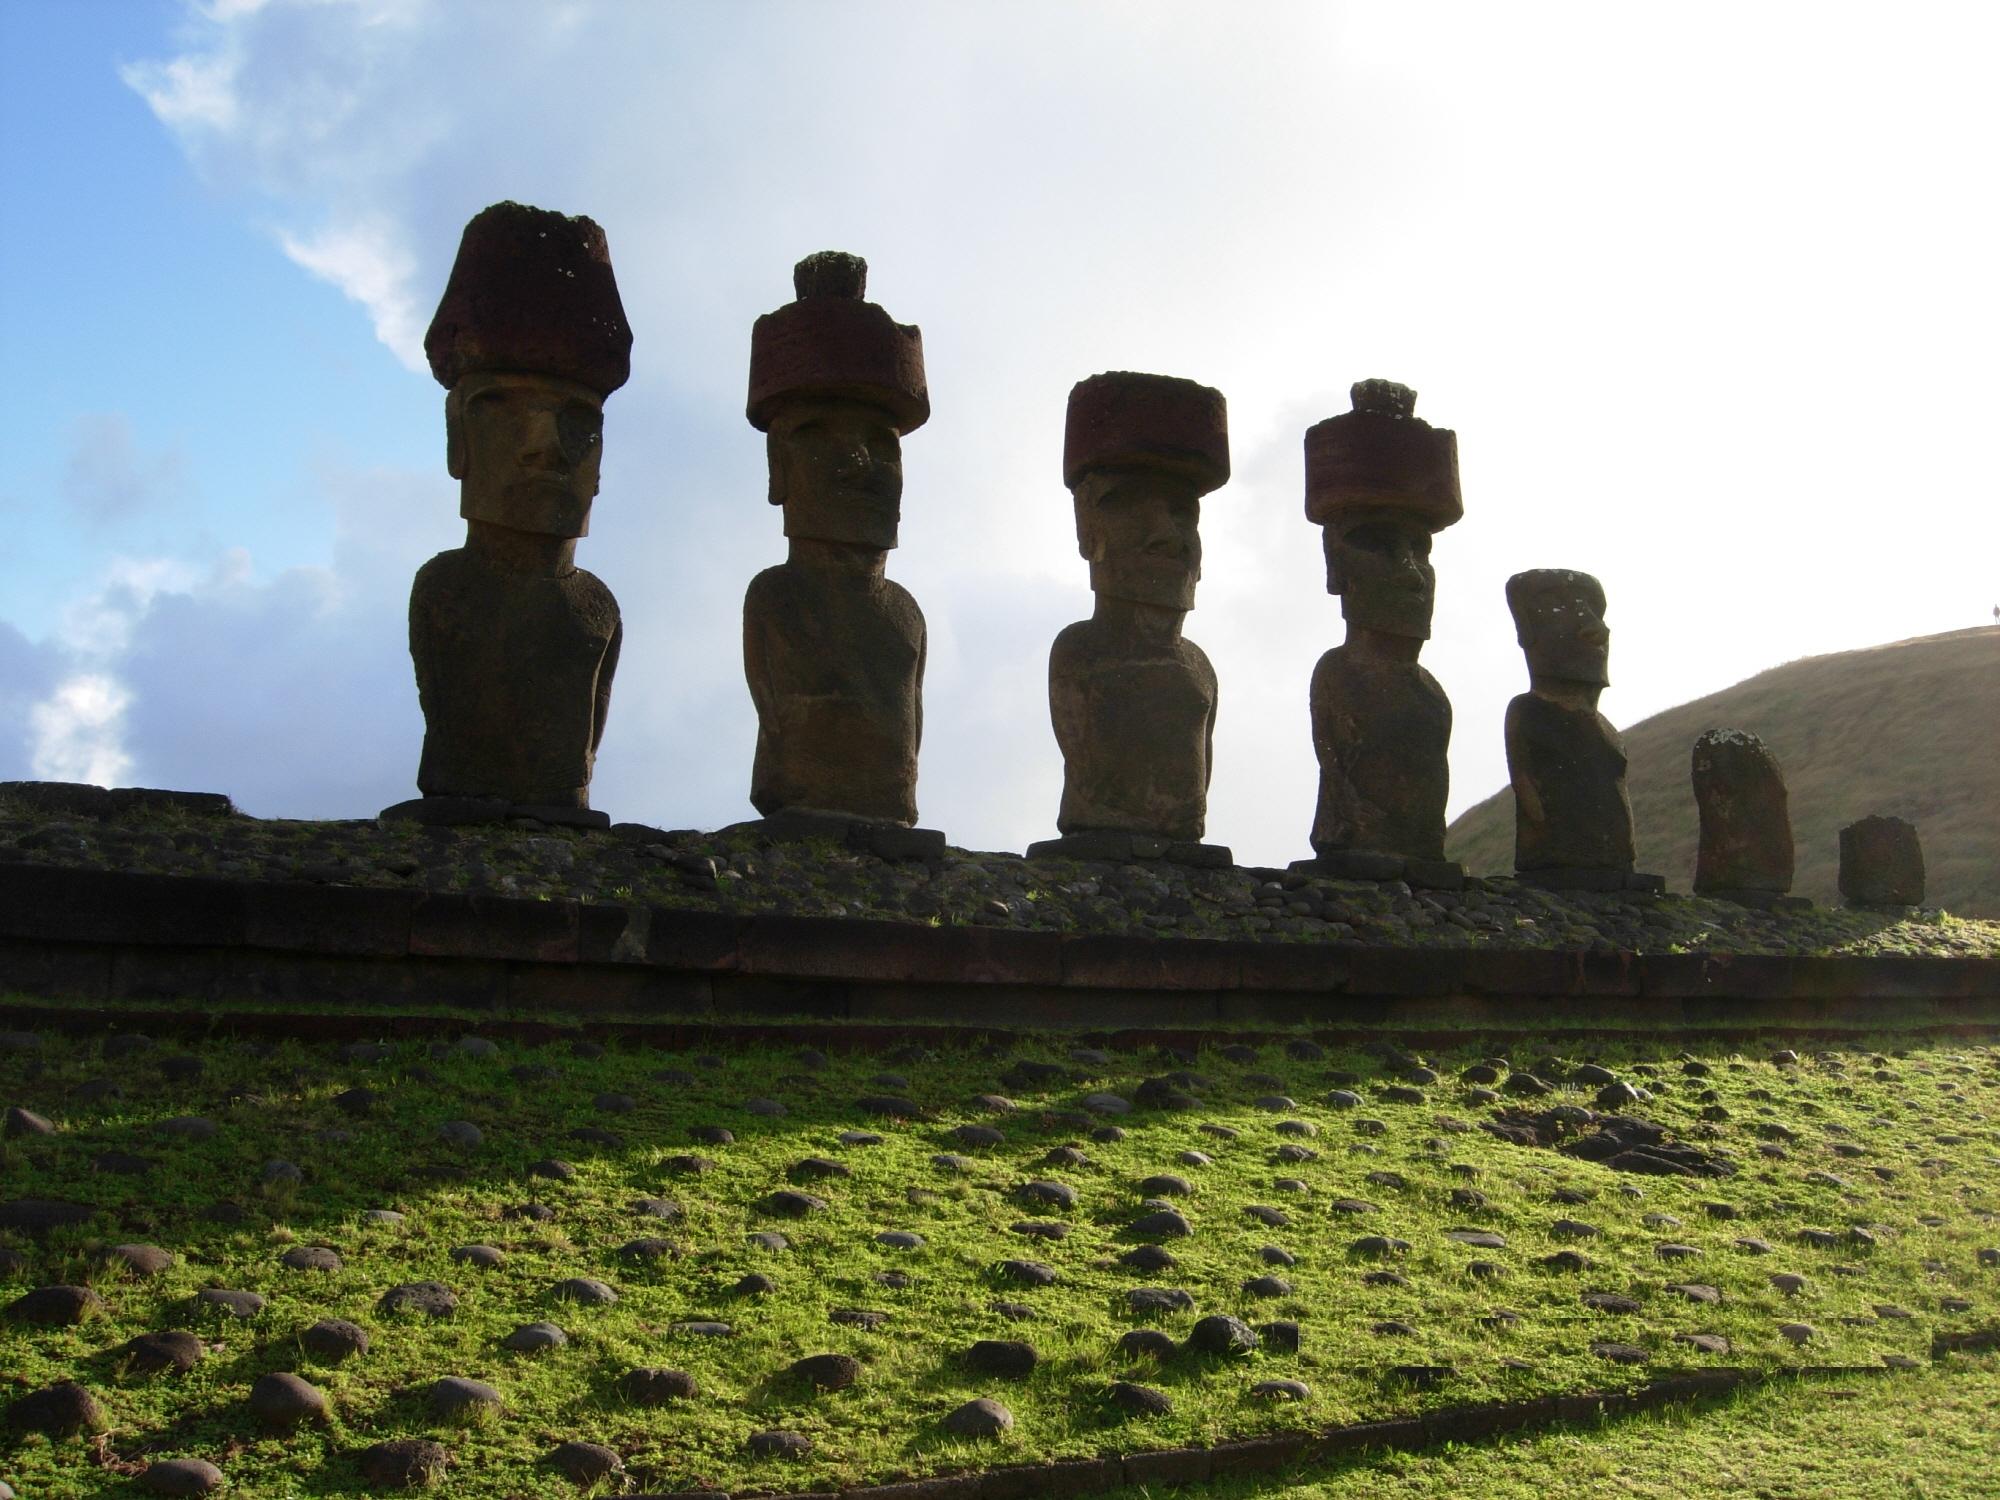 2000-南米チリ、イースター島横並びのモアイ像